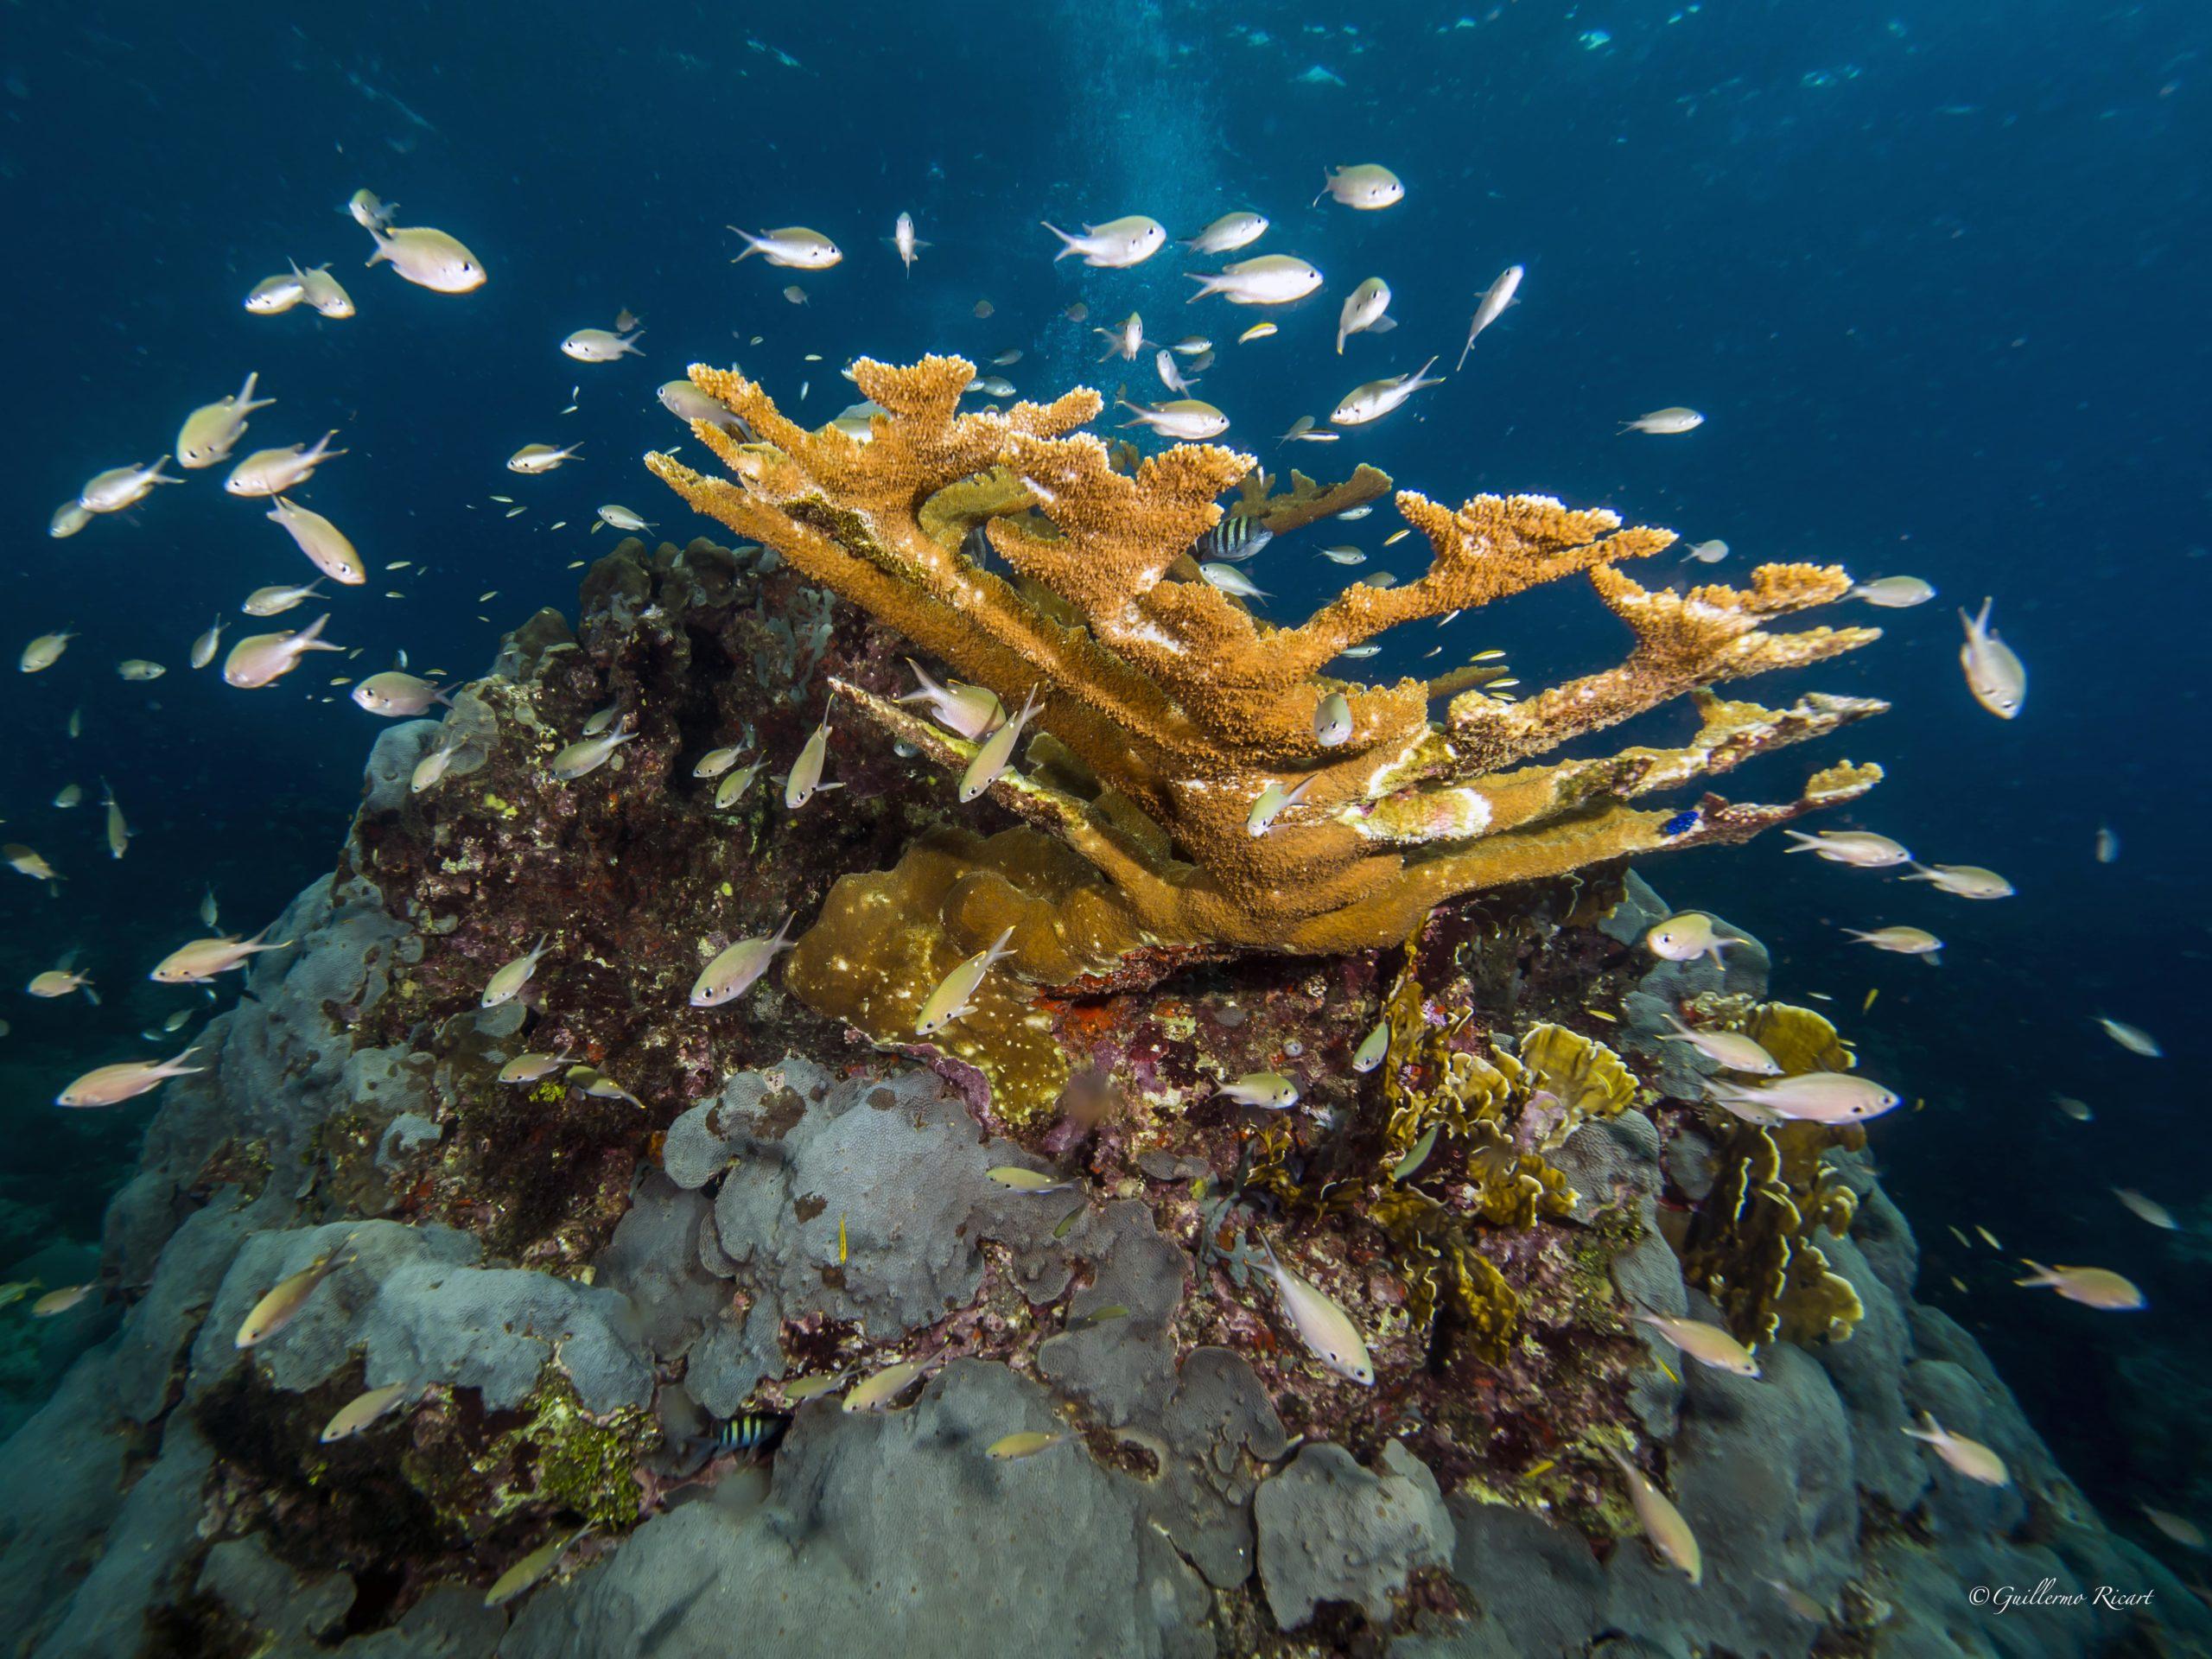 Cardúmen de Brown Chromis (Chromis multilineata) próximos a un coral Cuerno de Alce (Acropora palmata) en Boca Chica, Rep. Dominicana. - Guillermo Ricart